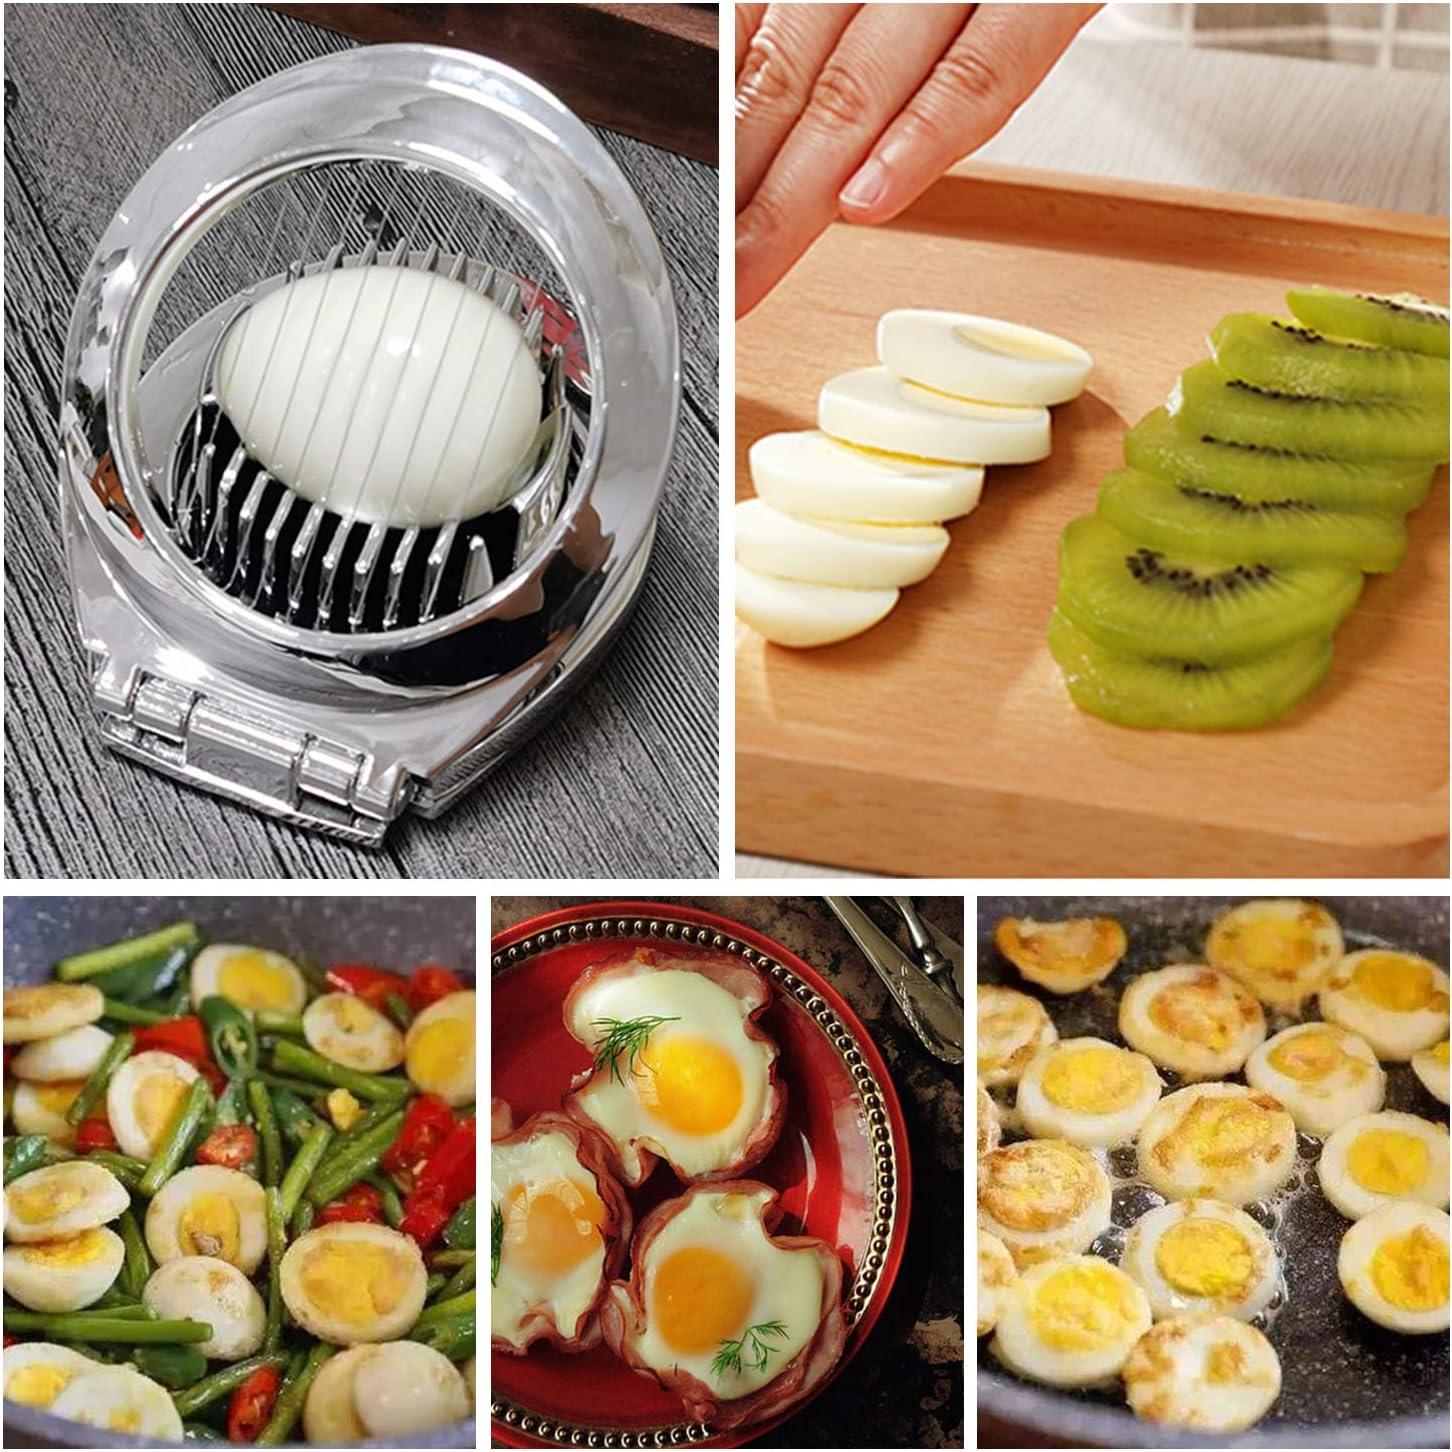 YM26 Eierschneider Edelstahl Sp/ülmaschinenfest,Mozzarellaschneider mit Stabiler Zinklegierungshalterung zum Schneiden von Eiern,Salaten,Sandwiches